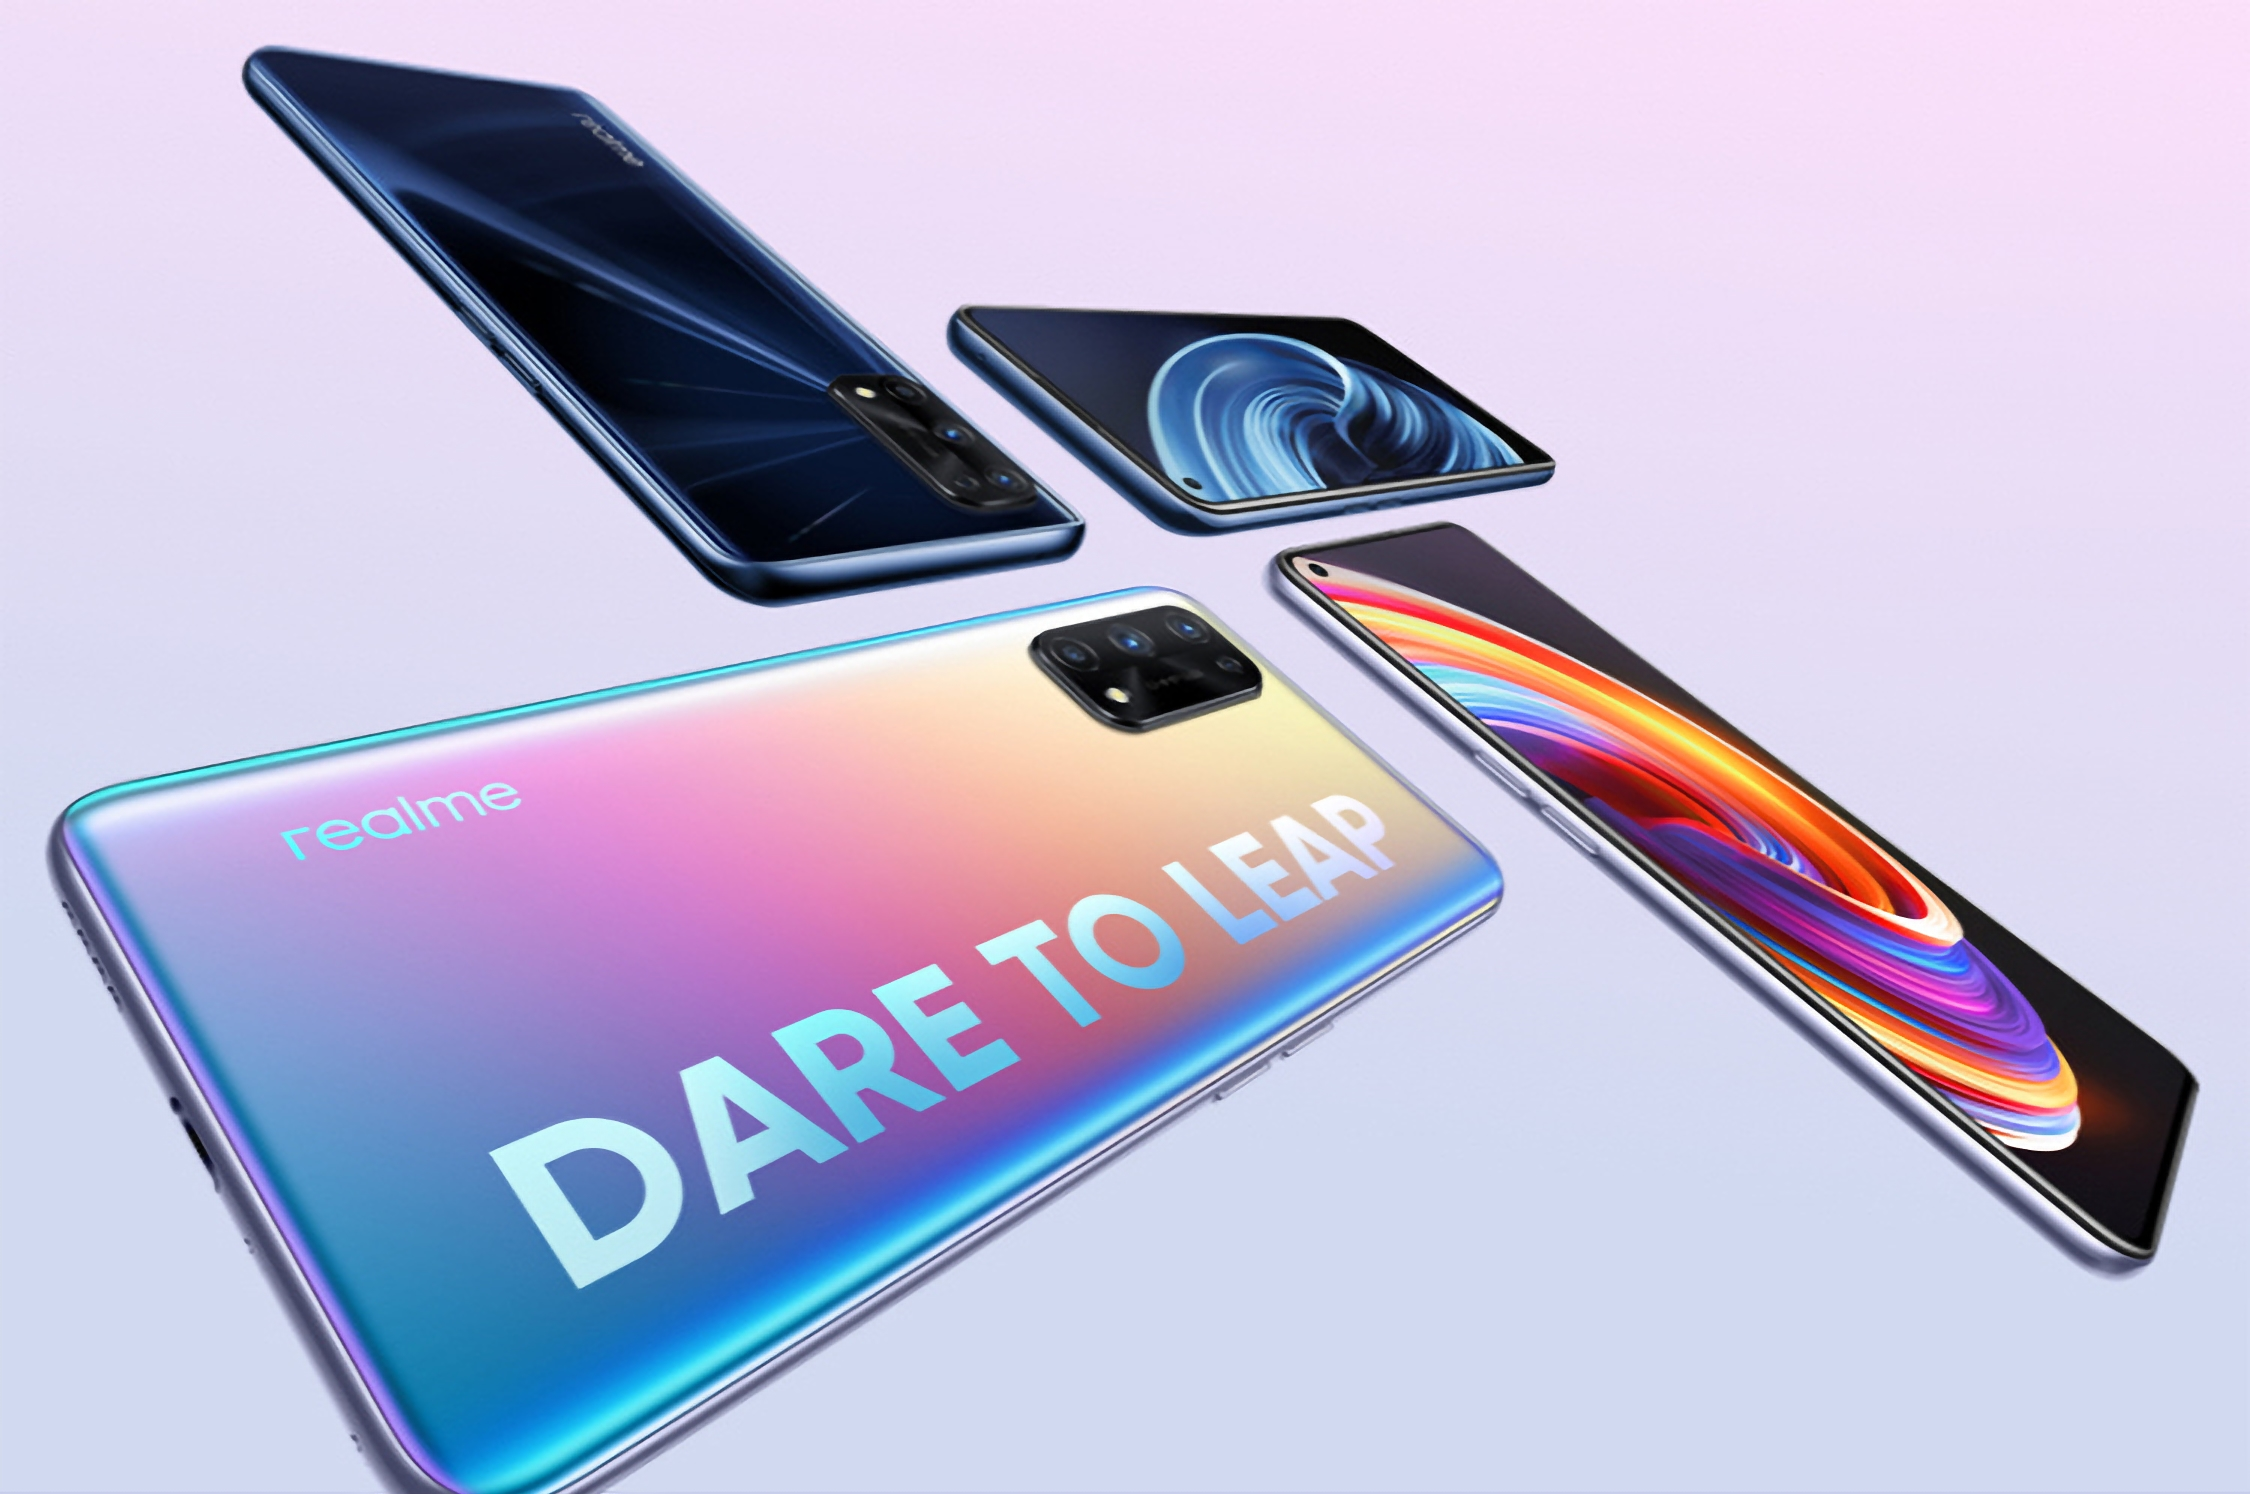 Инсайдер: Realme готовит к выходу специальную версию Realme X7 Pro Extreme Edition c изогнутым экраном Samsung и чипом MediaTek Dimensity 1000+